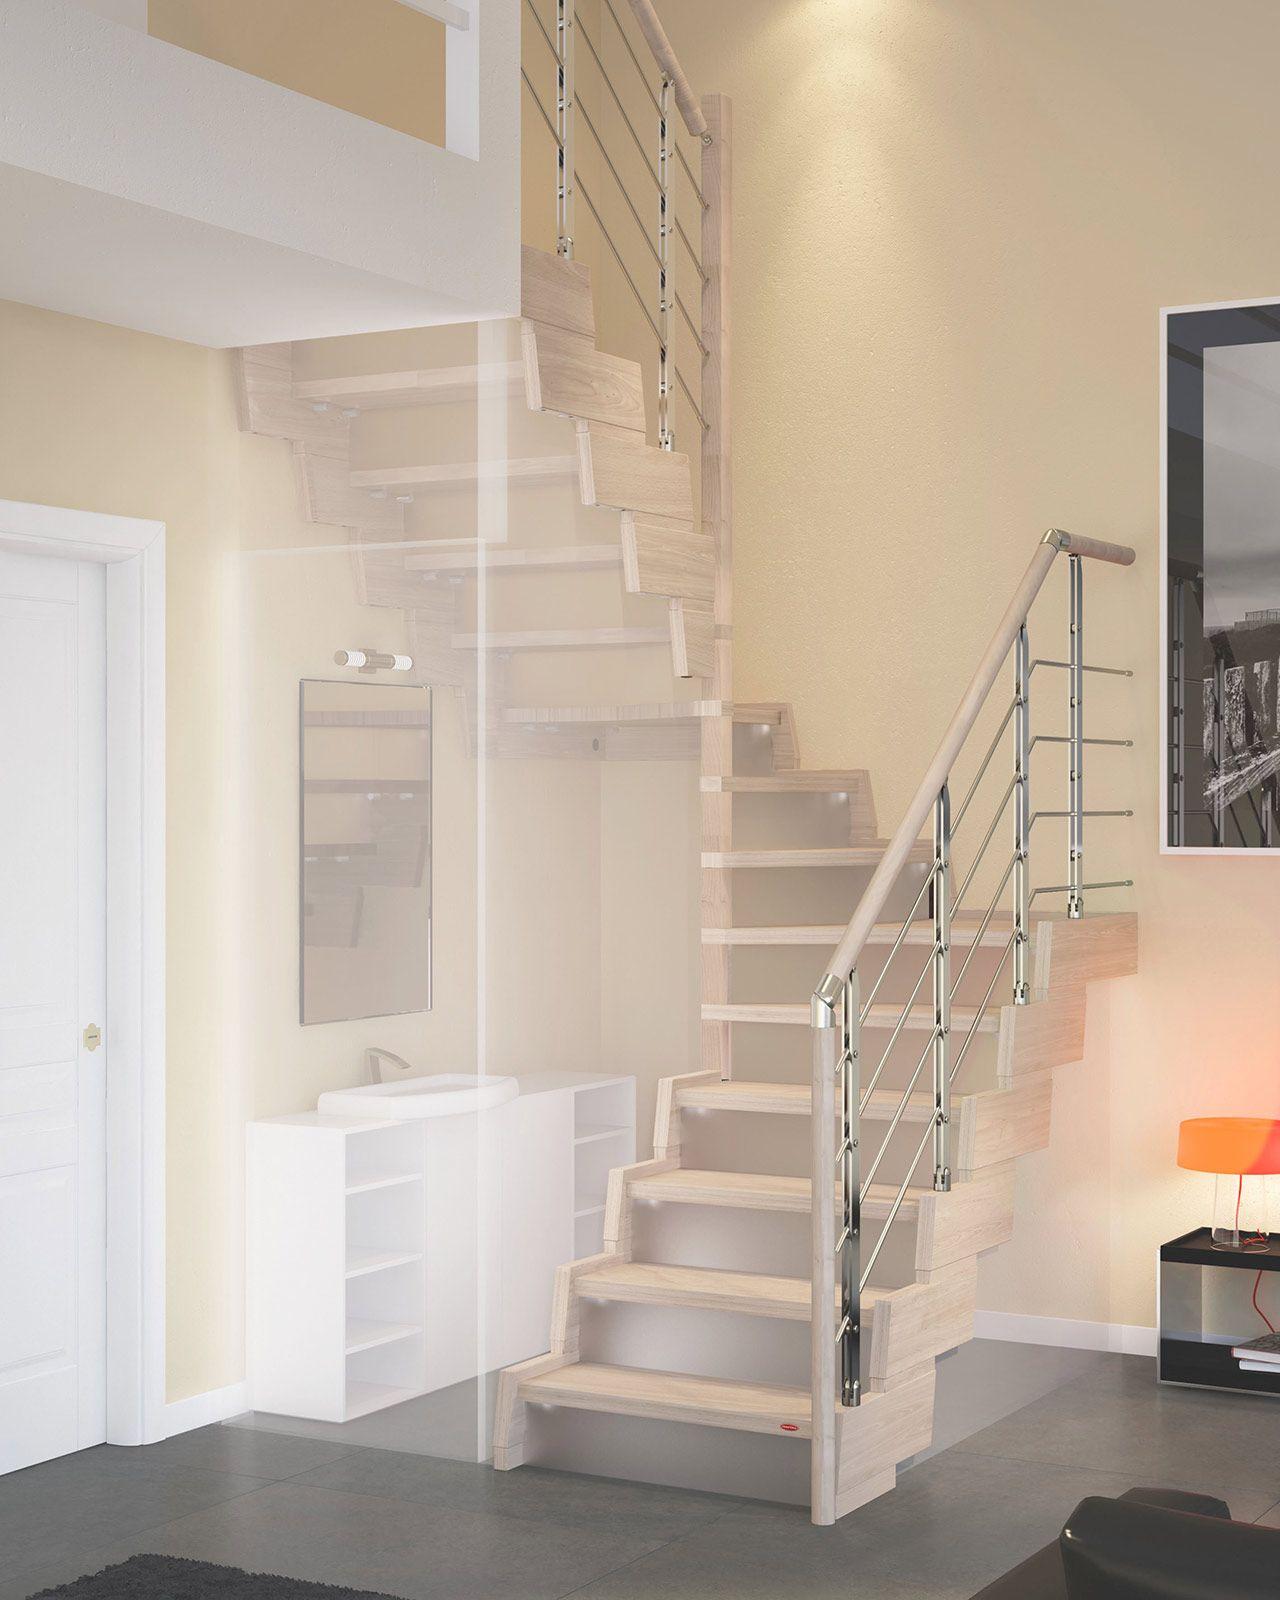 Ristrutturazione dalla porta alla scala soluzioni salvaspazio scale and staircases - Soluzioni per chiudere scale interne ...